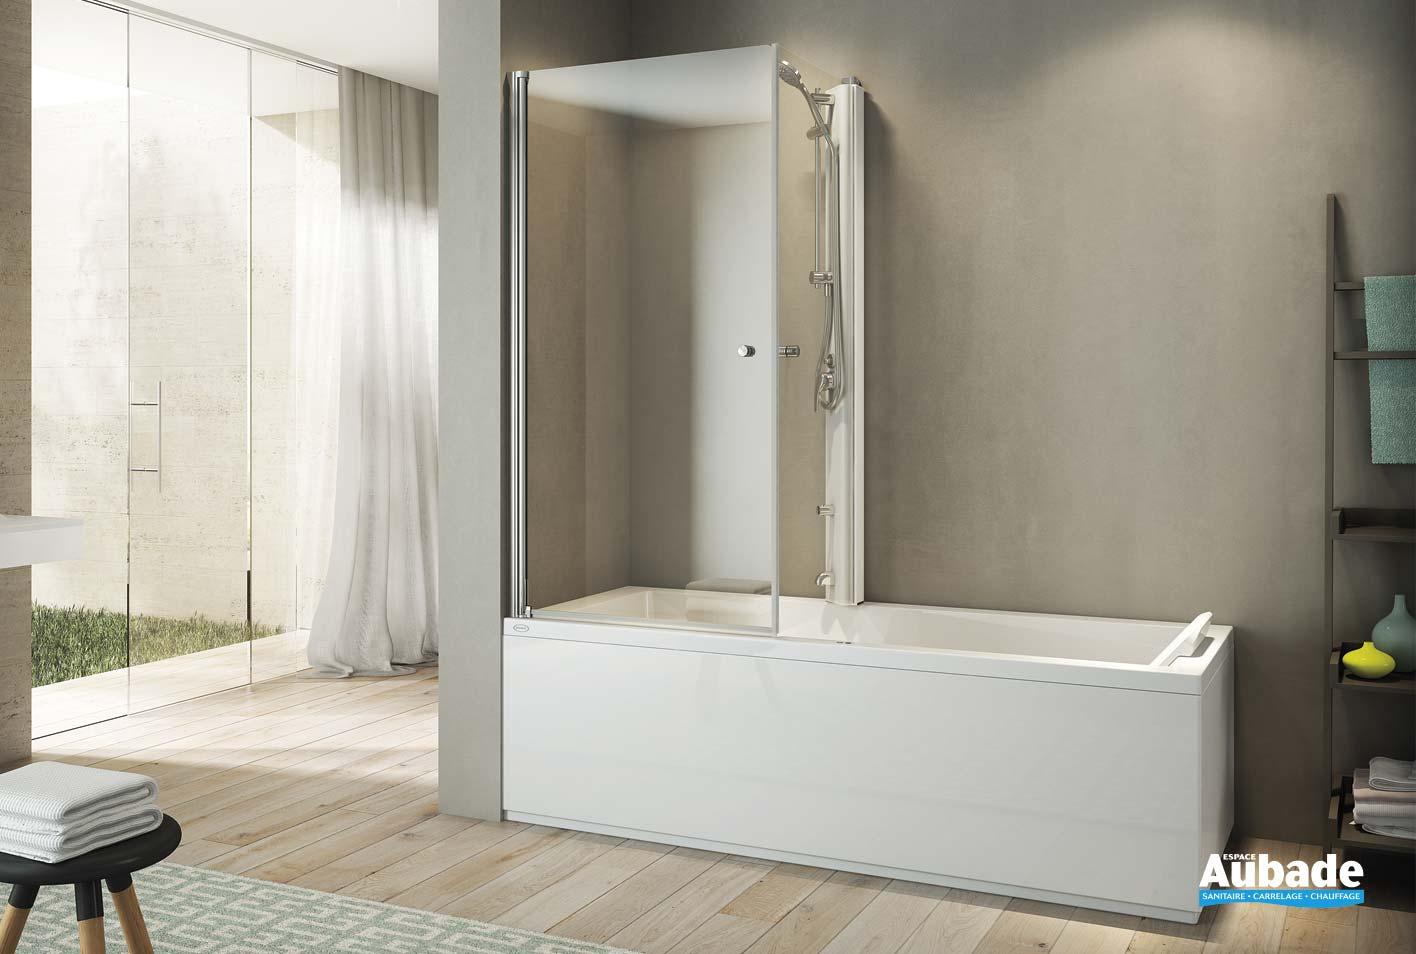 Poser Une Baignoire Avec Rebord baignoires combi mix jacuzzi   espace aubade